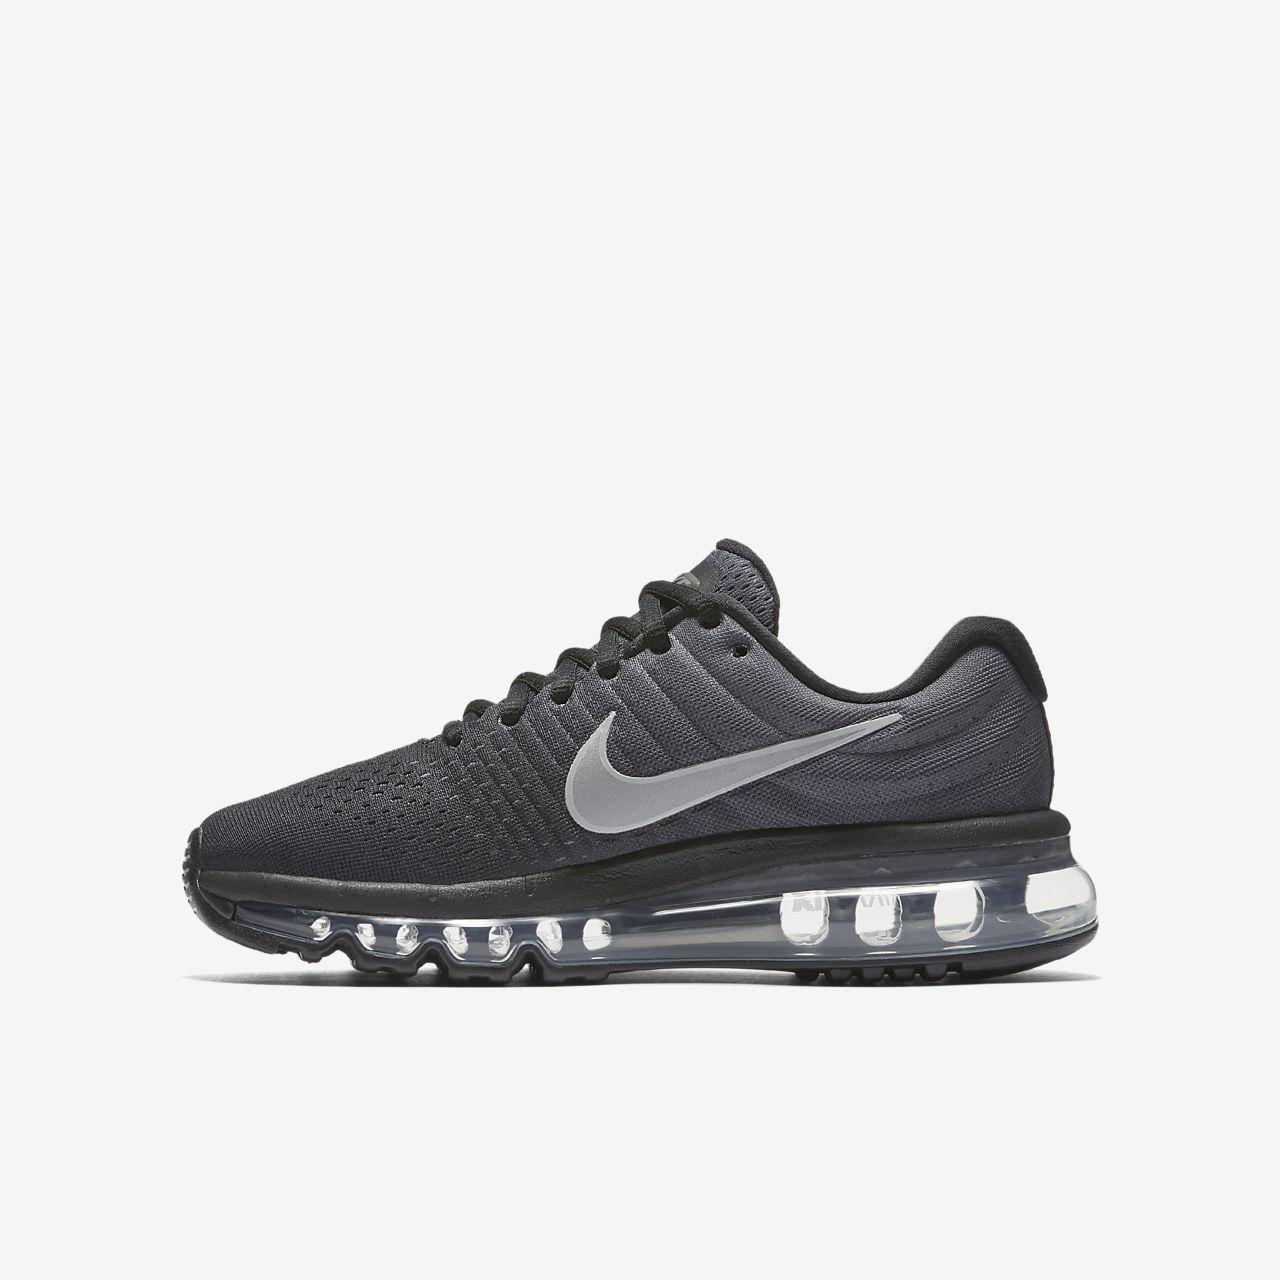 ... Nike Air Max 2017 - løbesko til store børn